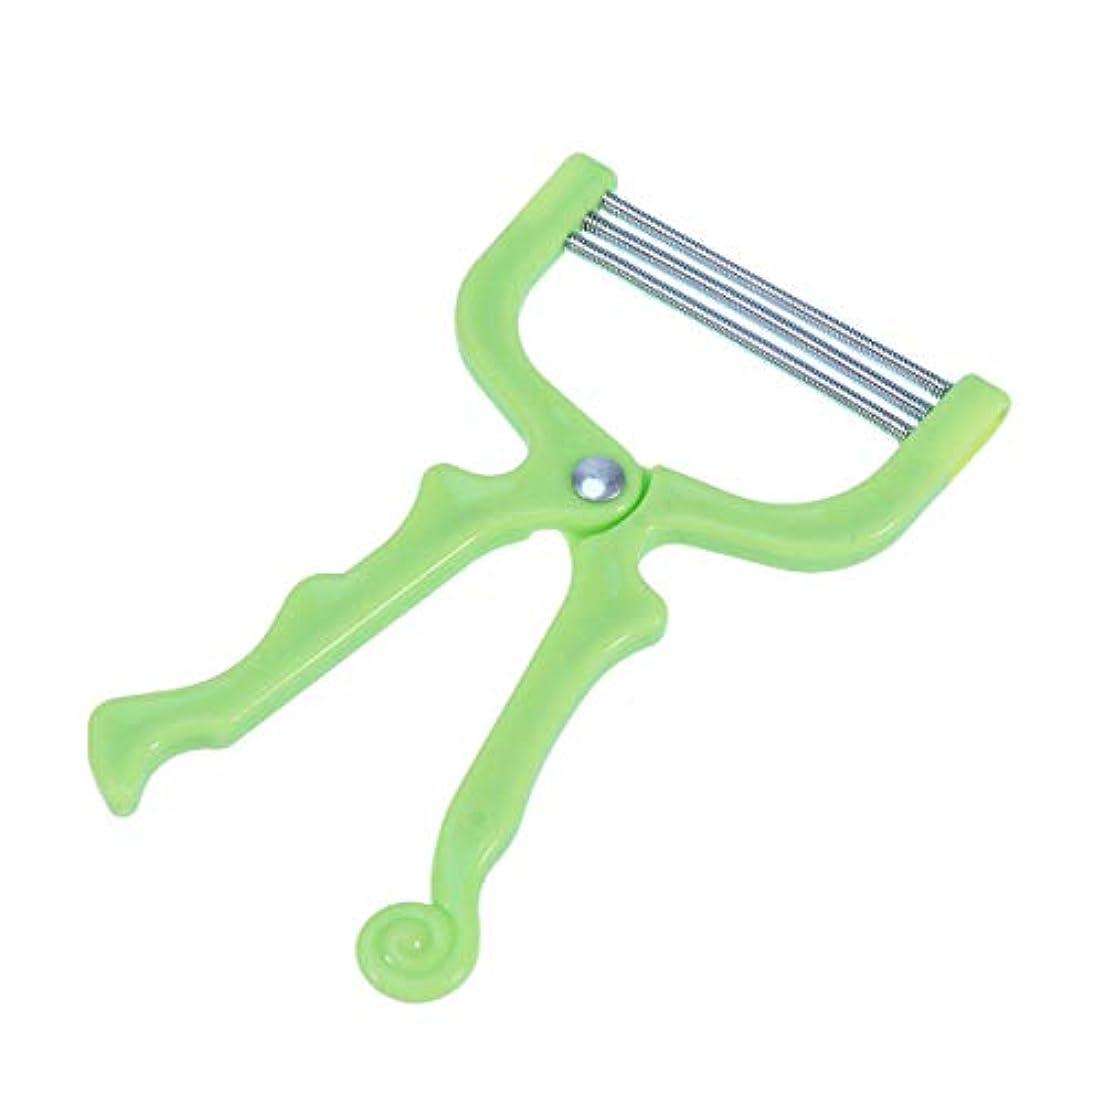 無効転用移民ROSENICE マニュアルフェイシャルヘアリムーバースプリングフェイシャルヘアスレーター除毛ツール(グリーン)